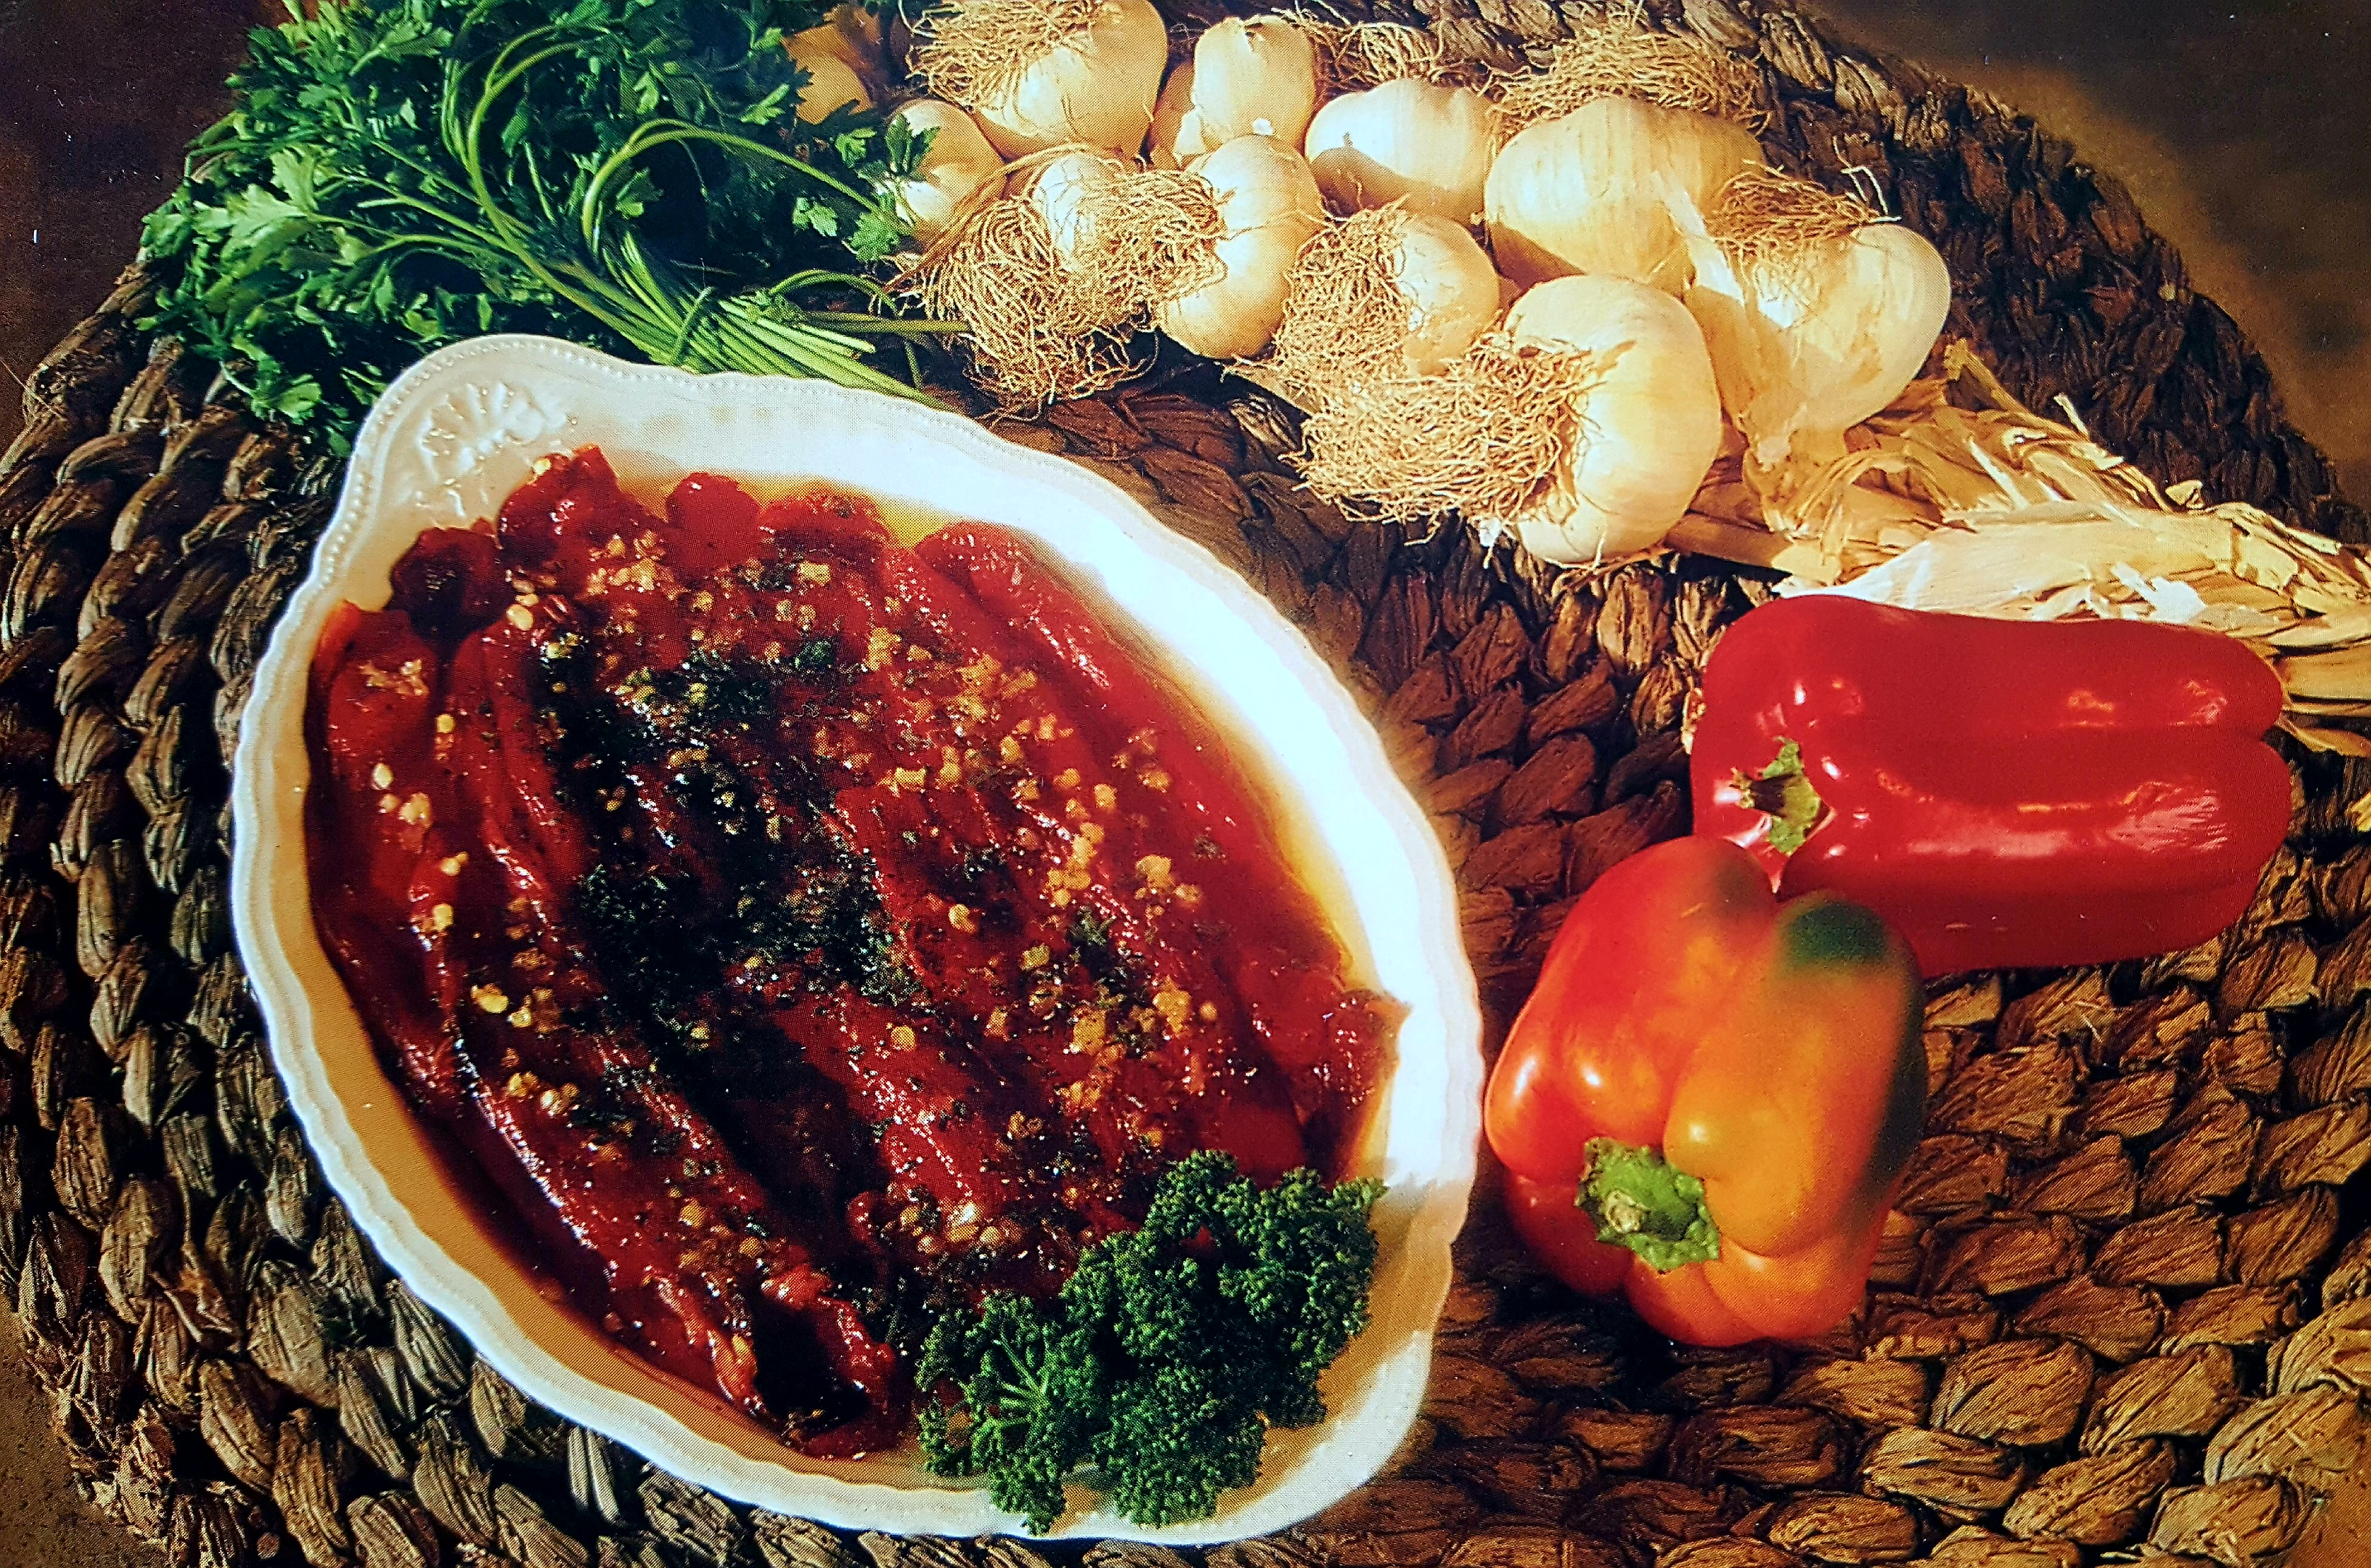 Recette provençale : les poivrons marinés du Sud